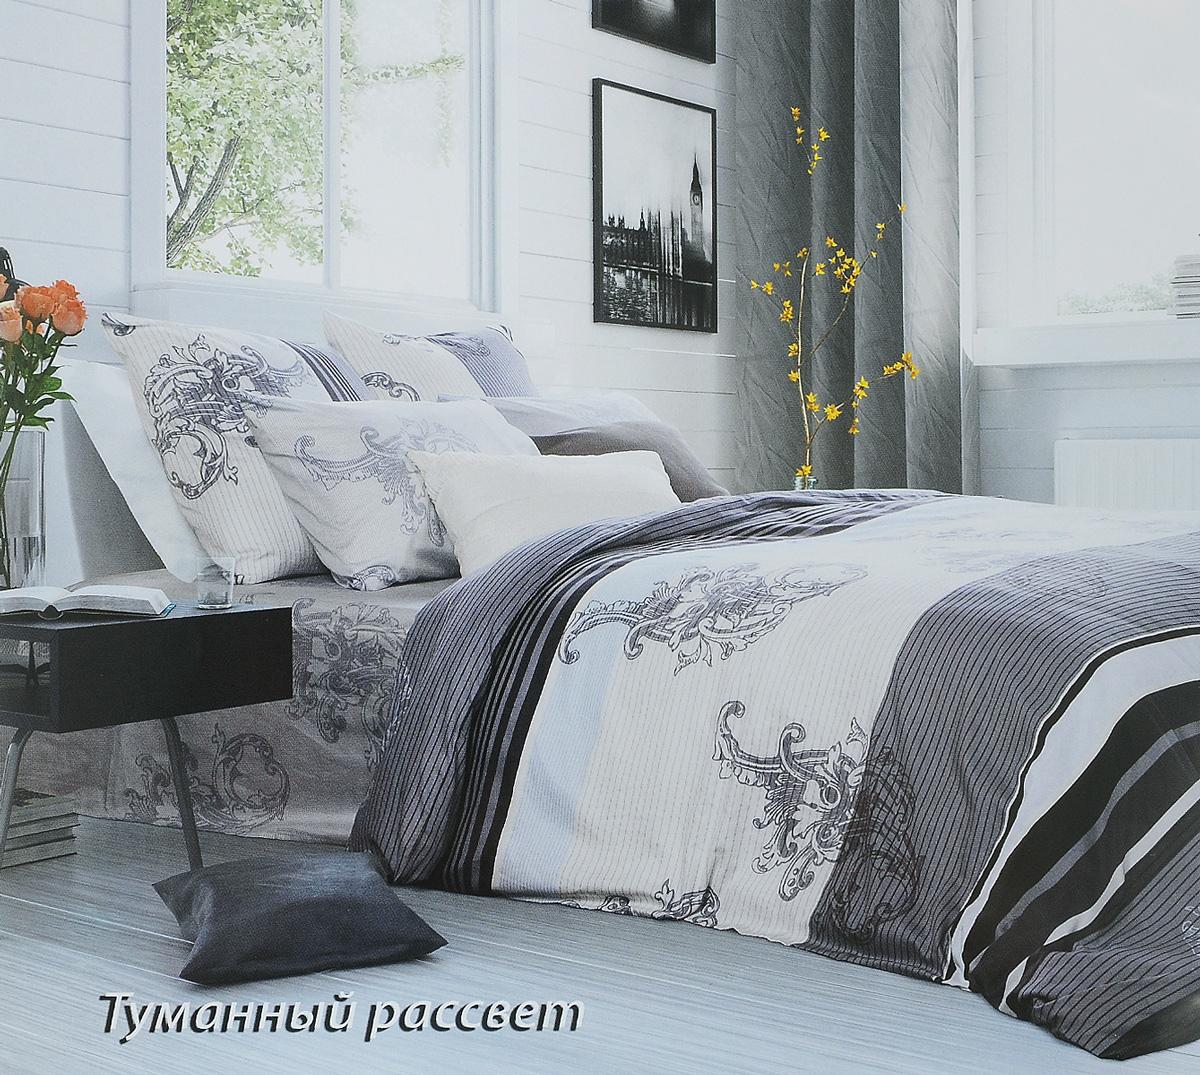 Комплект белья Tiffanys Secret Туманный рассвет, евро, наволочки 70х70, цвет: серый, белый2040115979Комплект постельного белья Tiffanys Secret Туманный рассвет является экологически безопасным для всей семьи, так как выполнен из сатина (100% хлопок). Комплект состоит из пододеяльника, простыни и двух наволочек. Предметы комплекта оформлены оригинальным рисунком. Благодаря такому комплекту постельного белья вы сможете создать атмосферу уюта и комфорта в вашей спальне. Сатин - это ткань, навсегда покорившая сердца человечества. Ценившие роскошь персы называли ее атлас, а искушенные в прекрасном французы - сатин. Секрет высококачественного сатина в безупречности всего технологического процесса. Эту благородную ткань делают только из отборной натуральной пряжи, которую получают из самого лучшего тонковолокнистого хлопка. Благодаря использованию самой тонкой хлопковой нити получается необычайно мягкое и нежное полотно. Сатиновое постельное белье превращает жаркие летние ночи в прохладные и освежающие, а холодные зимние - в теплые и согревающие. ...